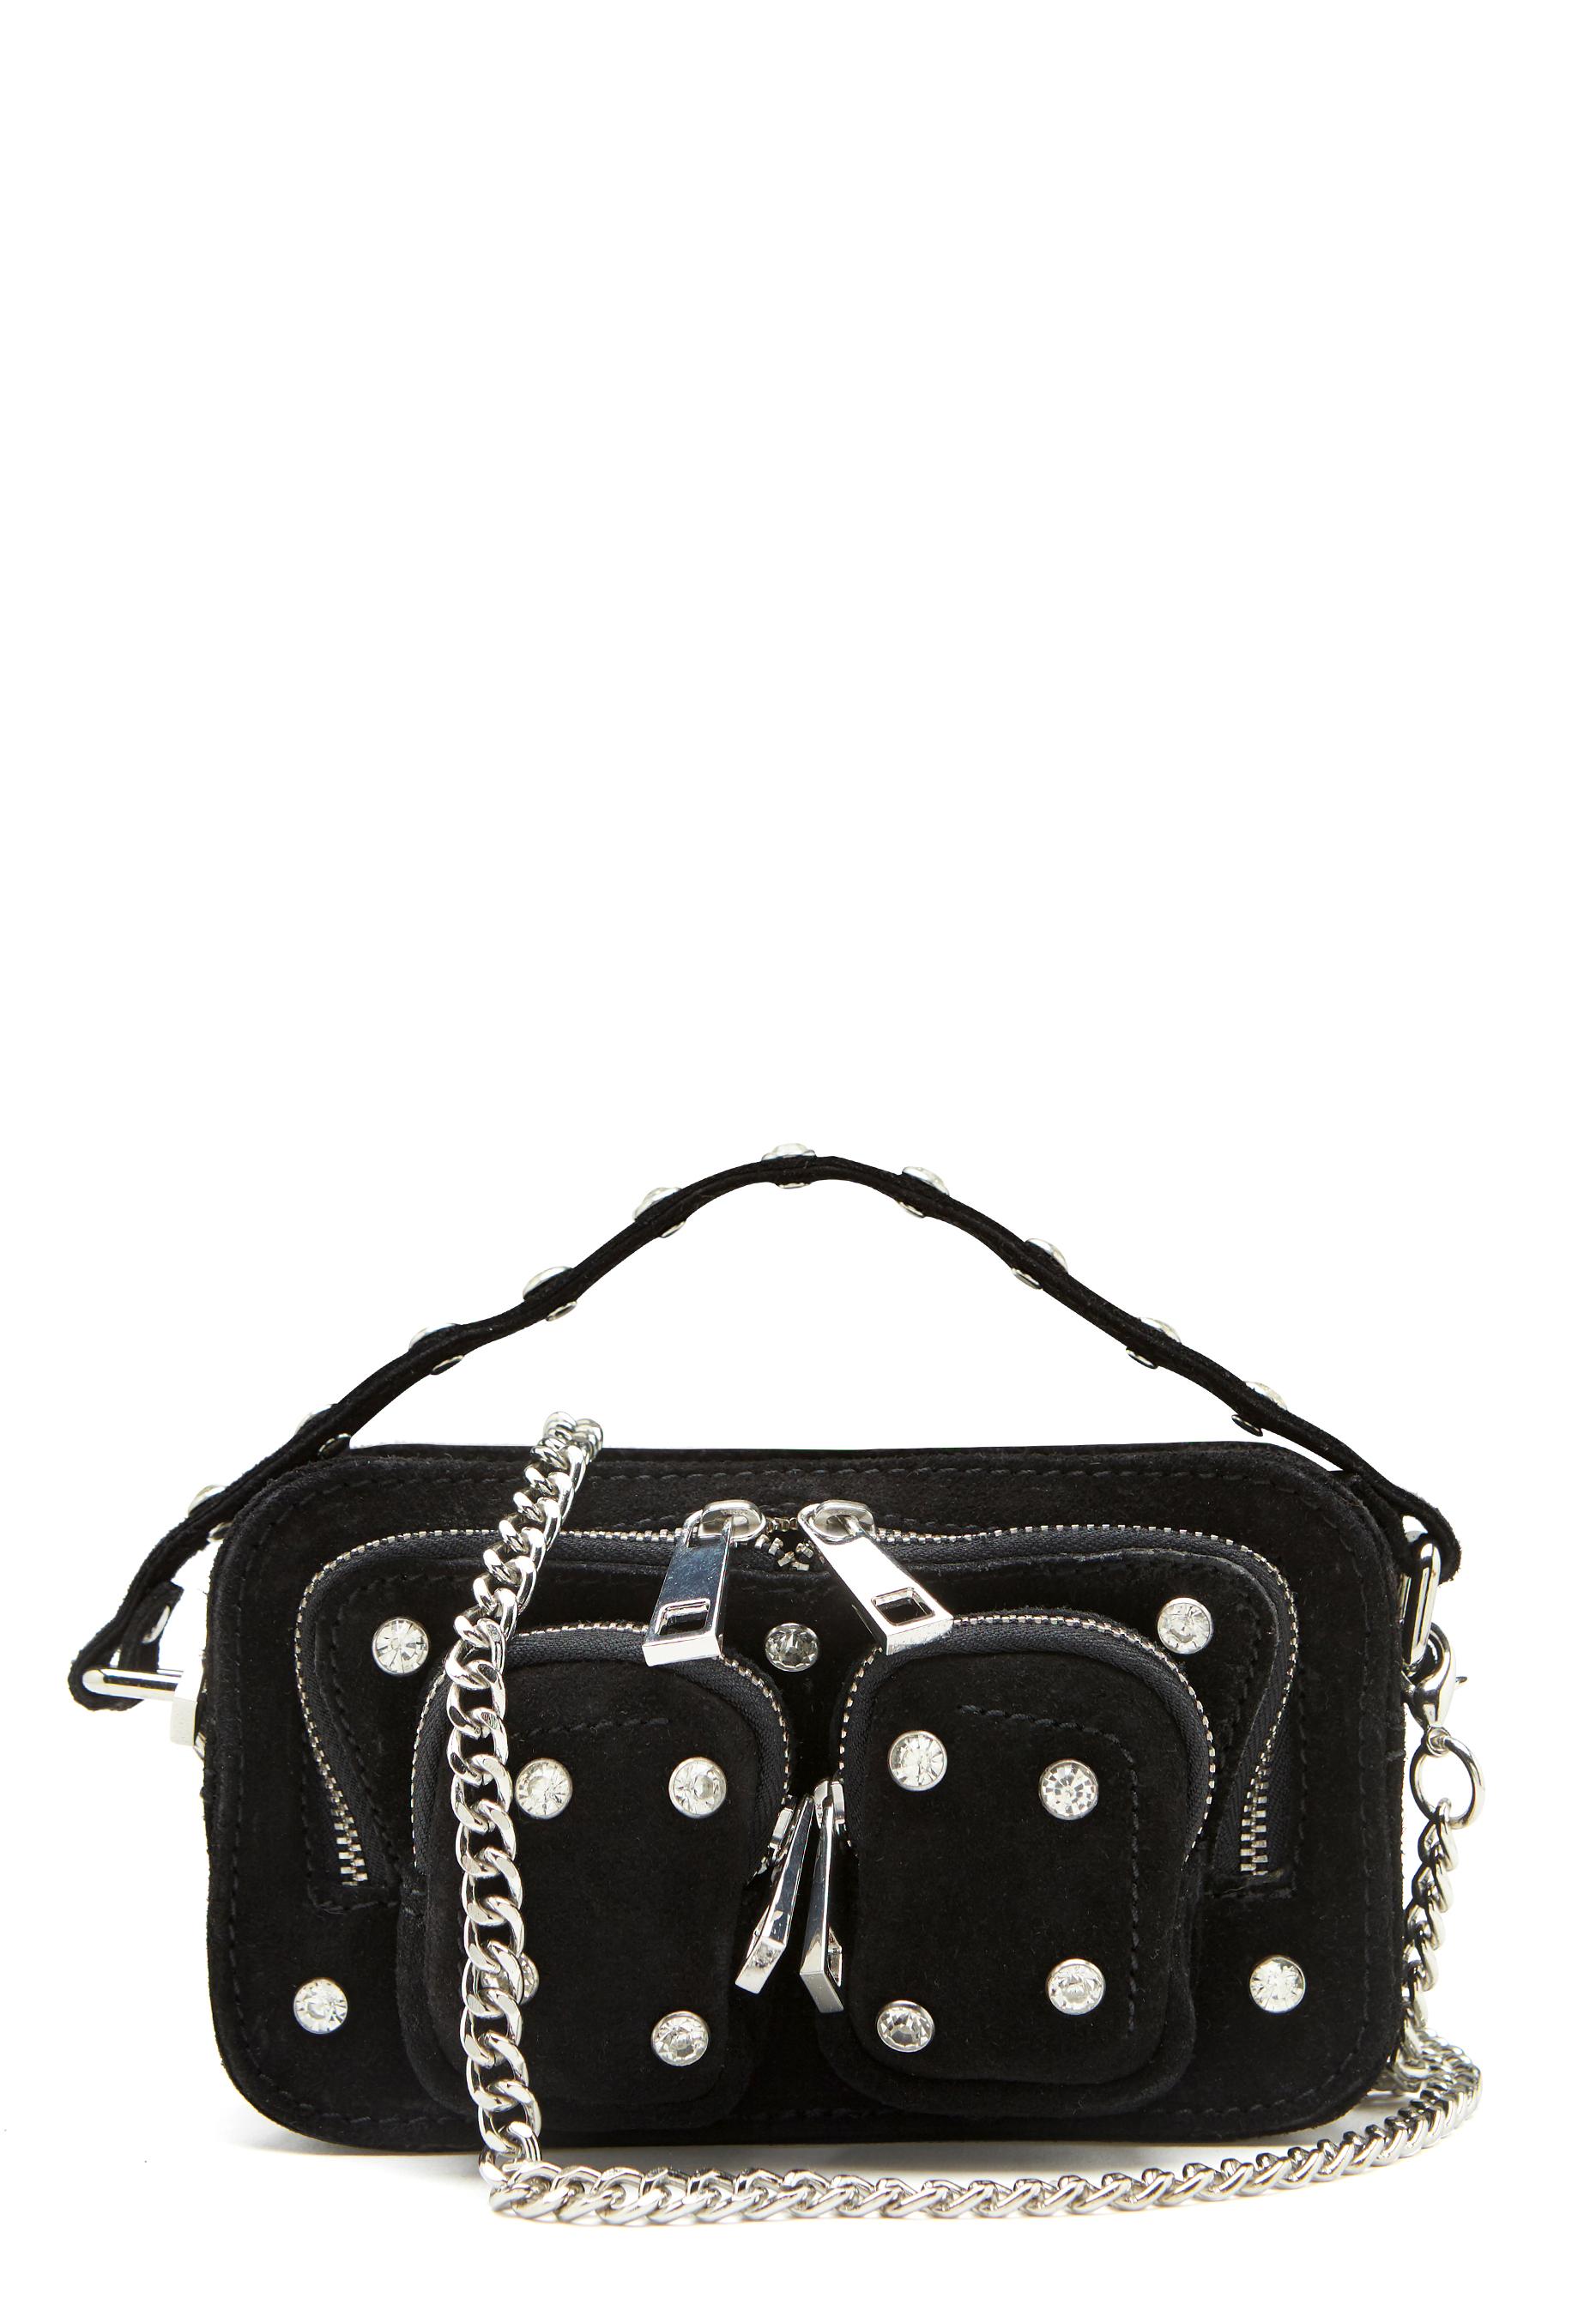 nunoo helena flash leather bag black wdiamonds 1